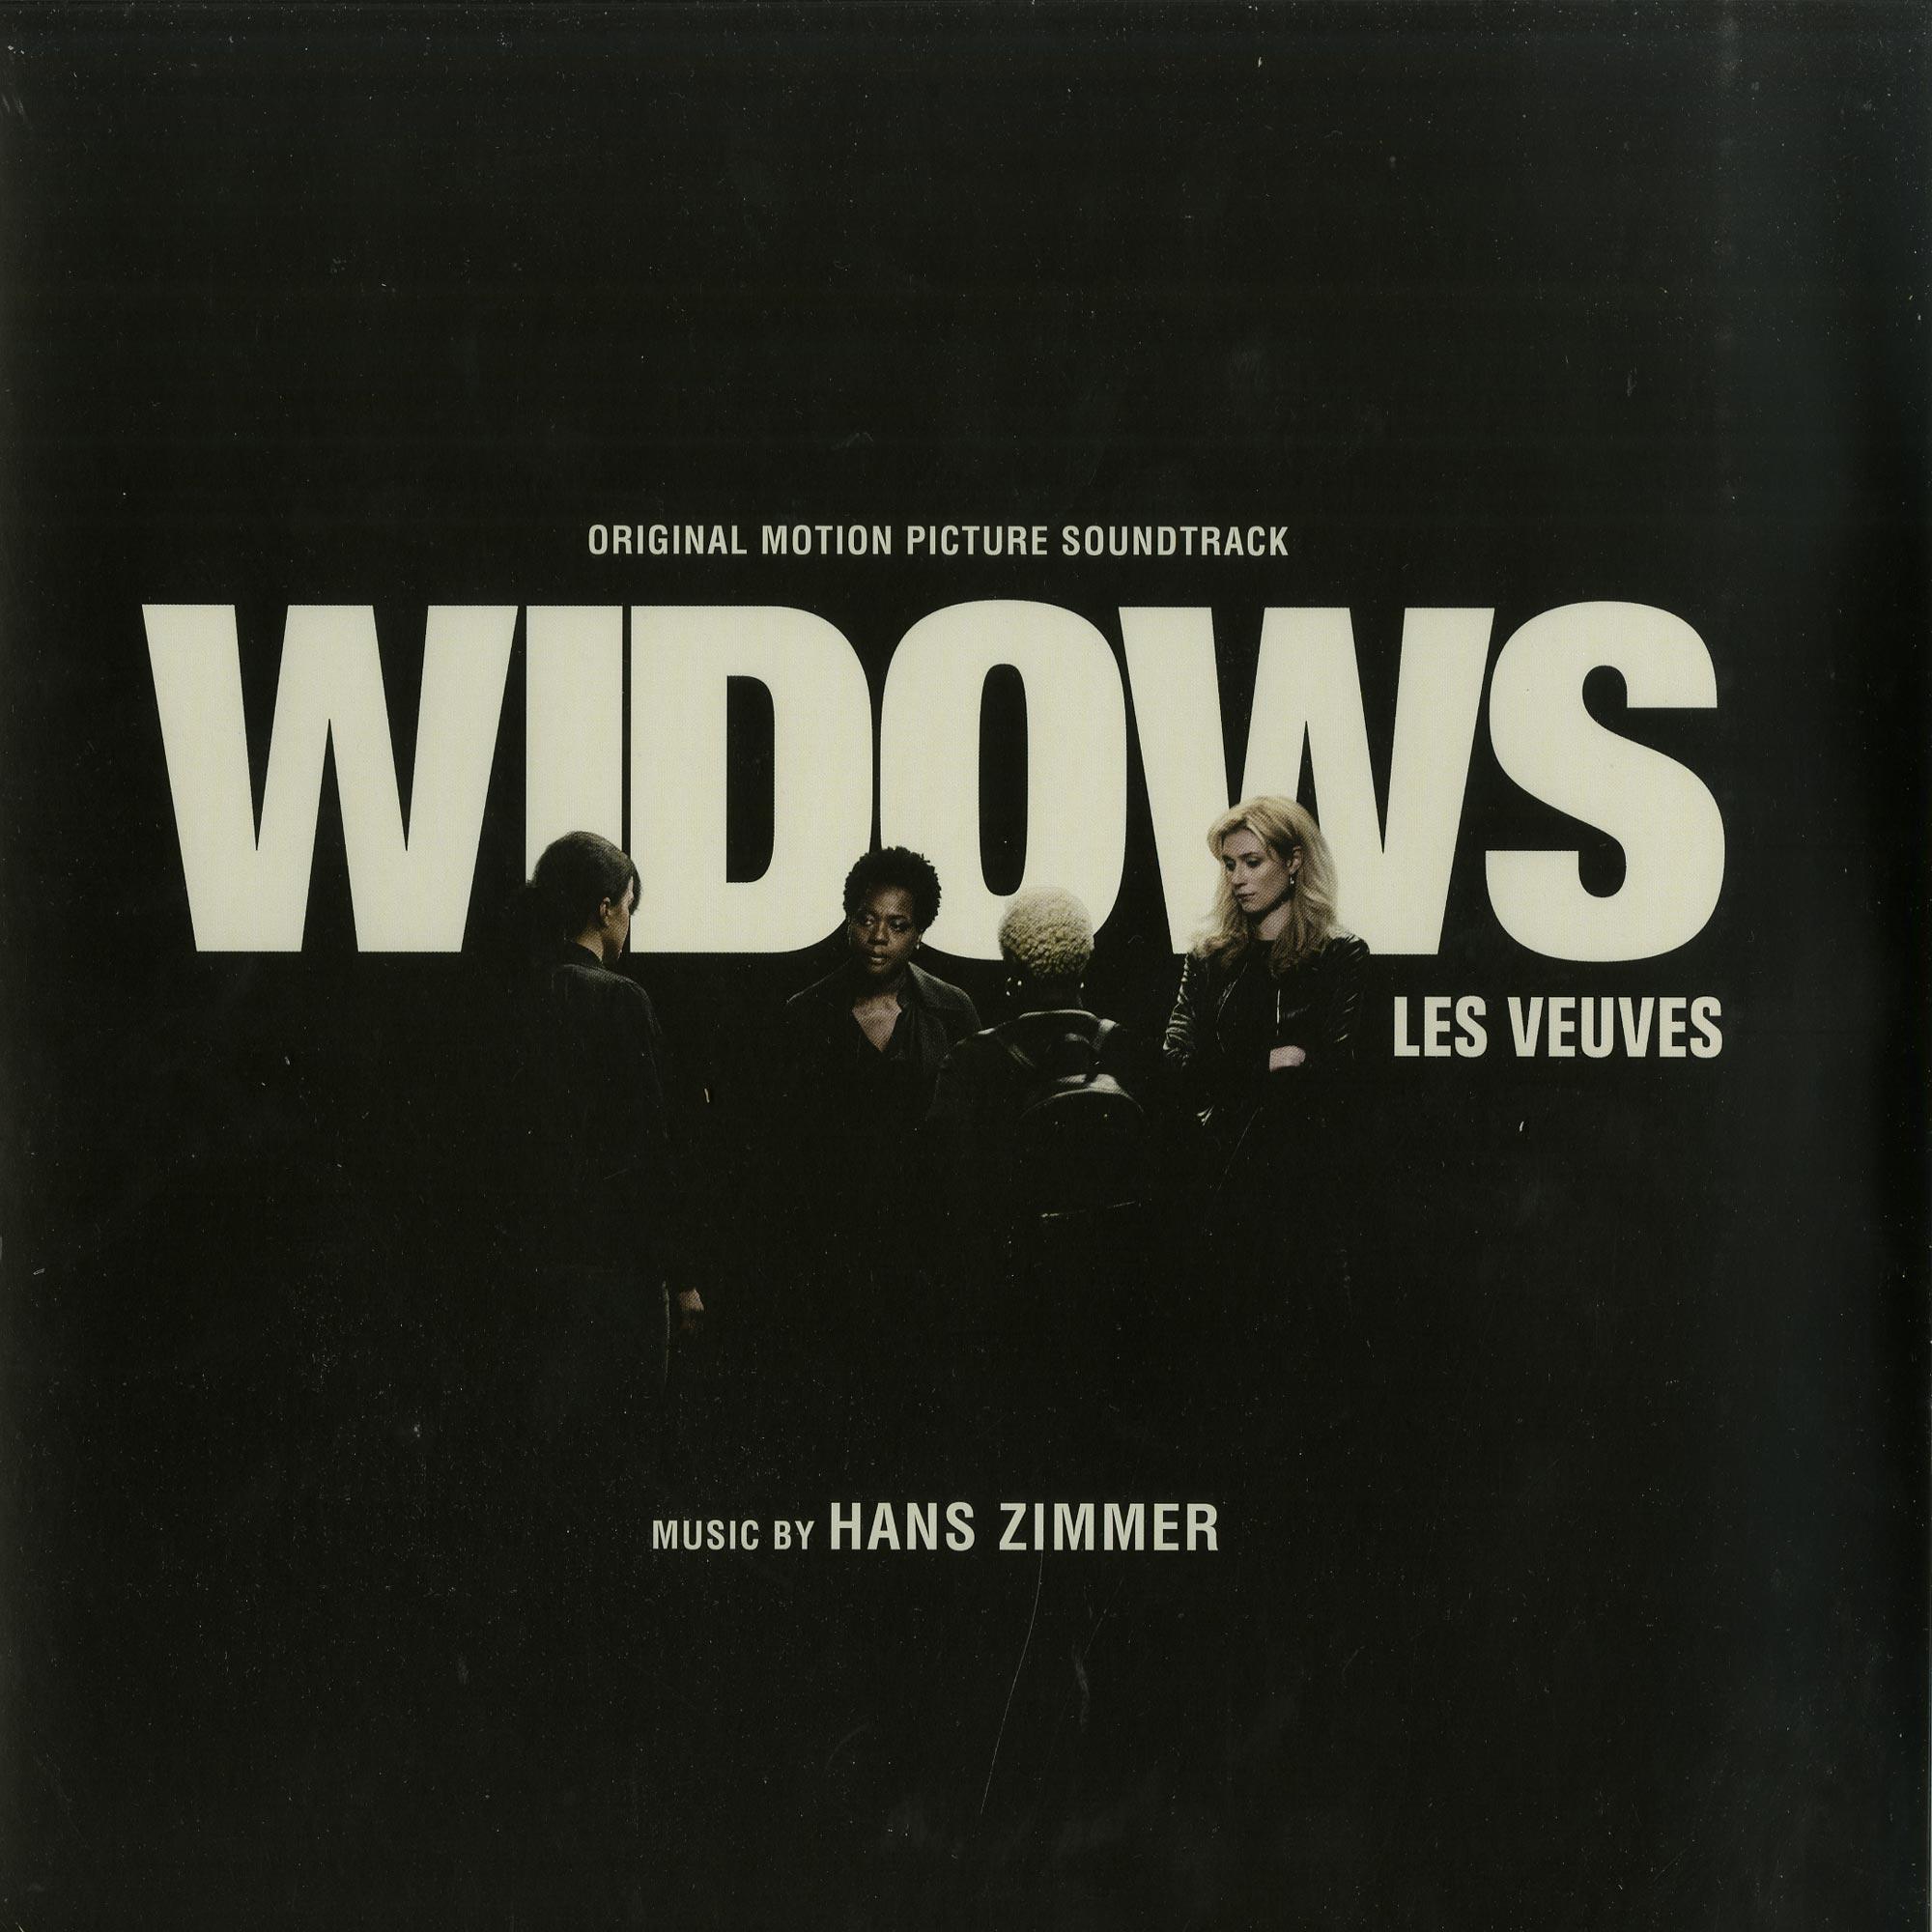 Hans Zimmer - WIDOWS O.S.T.